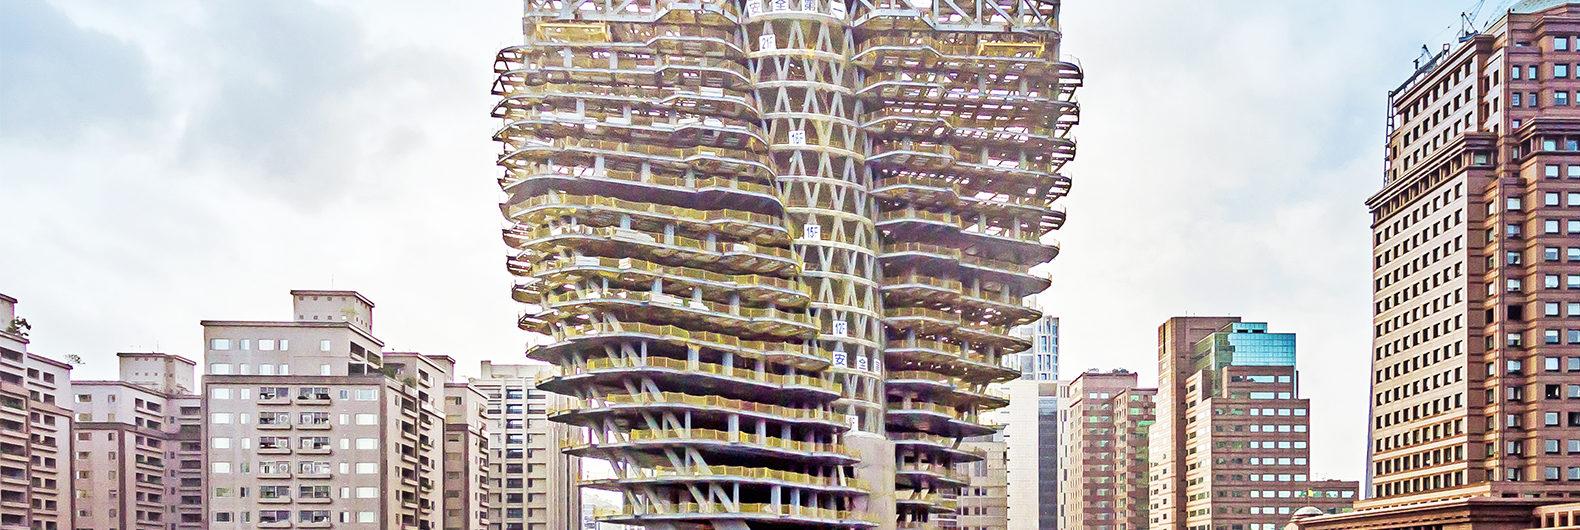 se espera que el llamativo edificio albergue el edificio de de lujo ms caro de taipei en uno de los sitios sealado ms grande